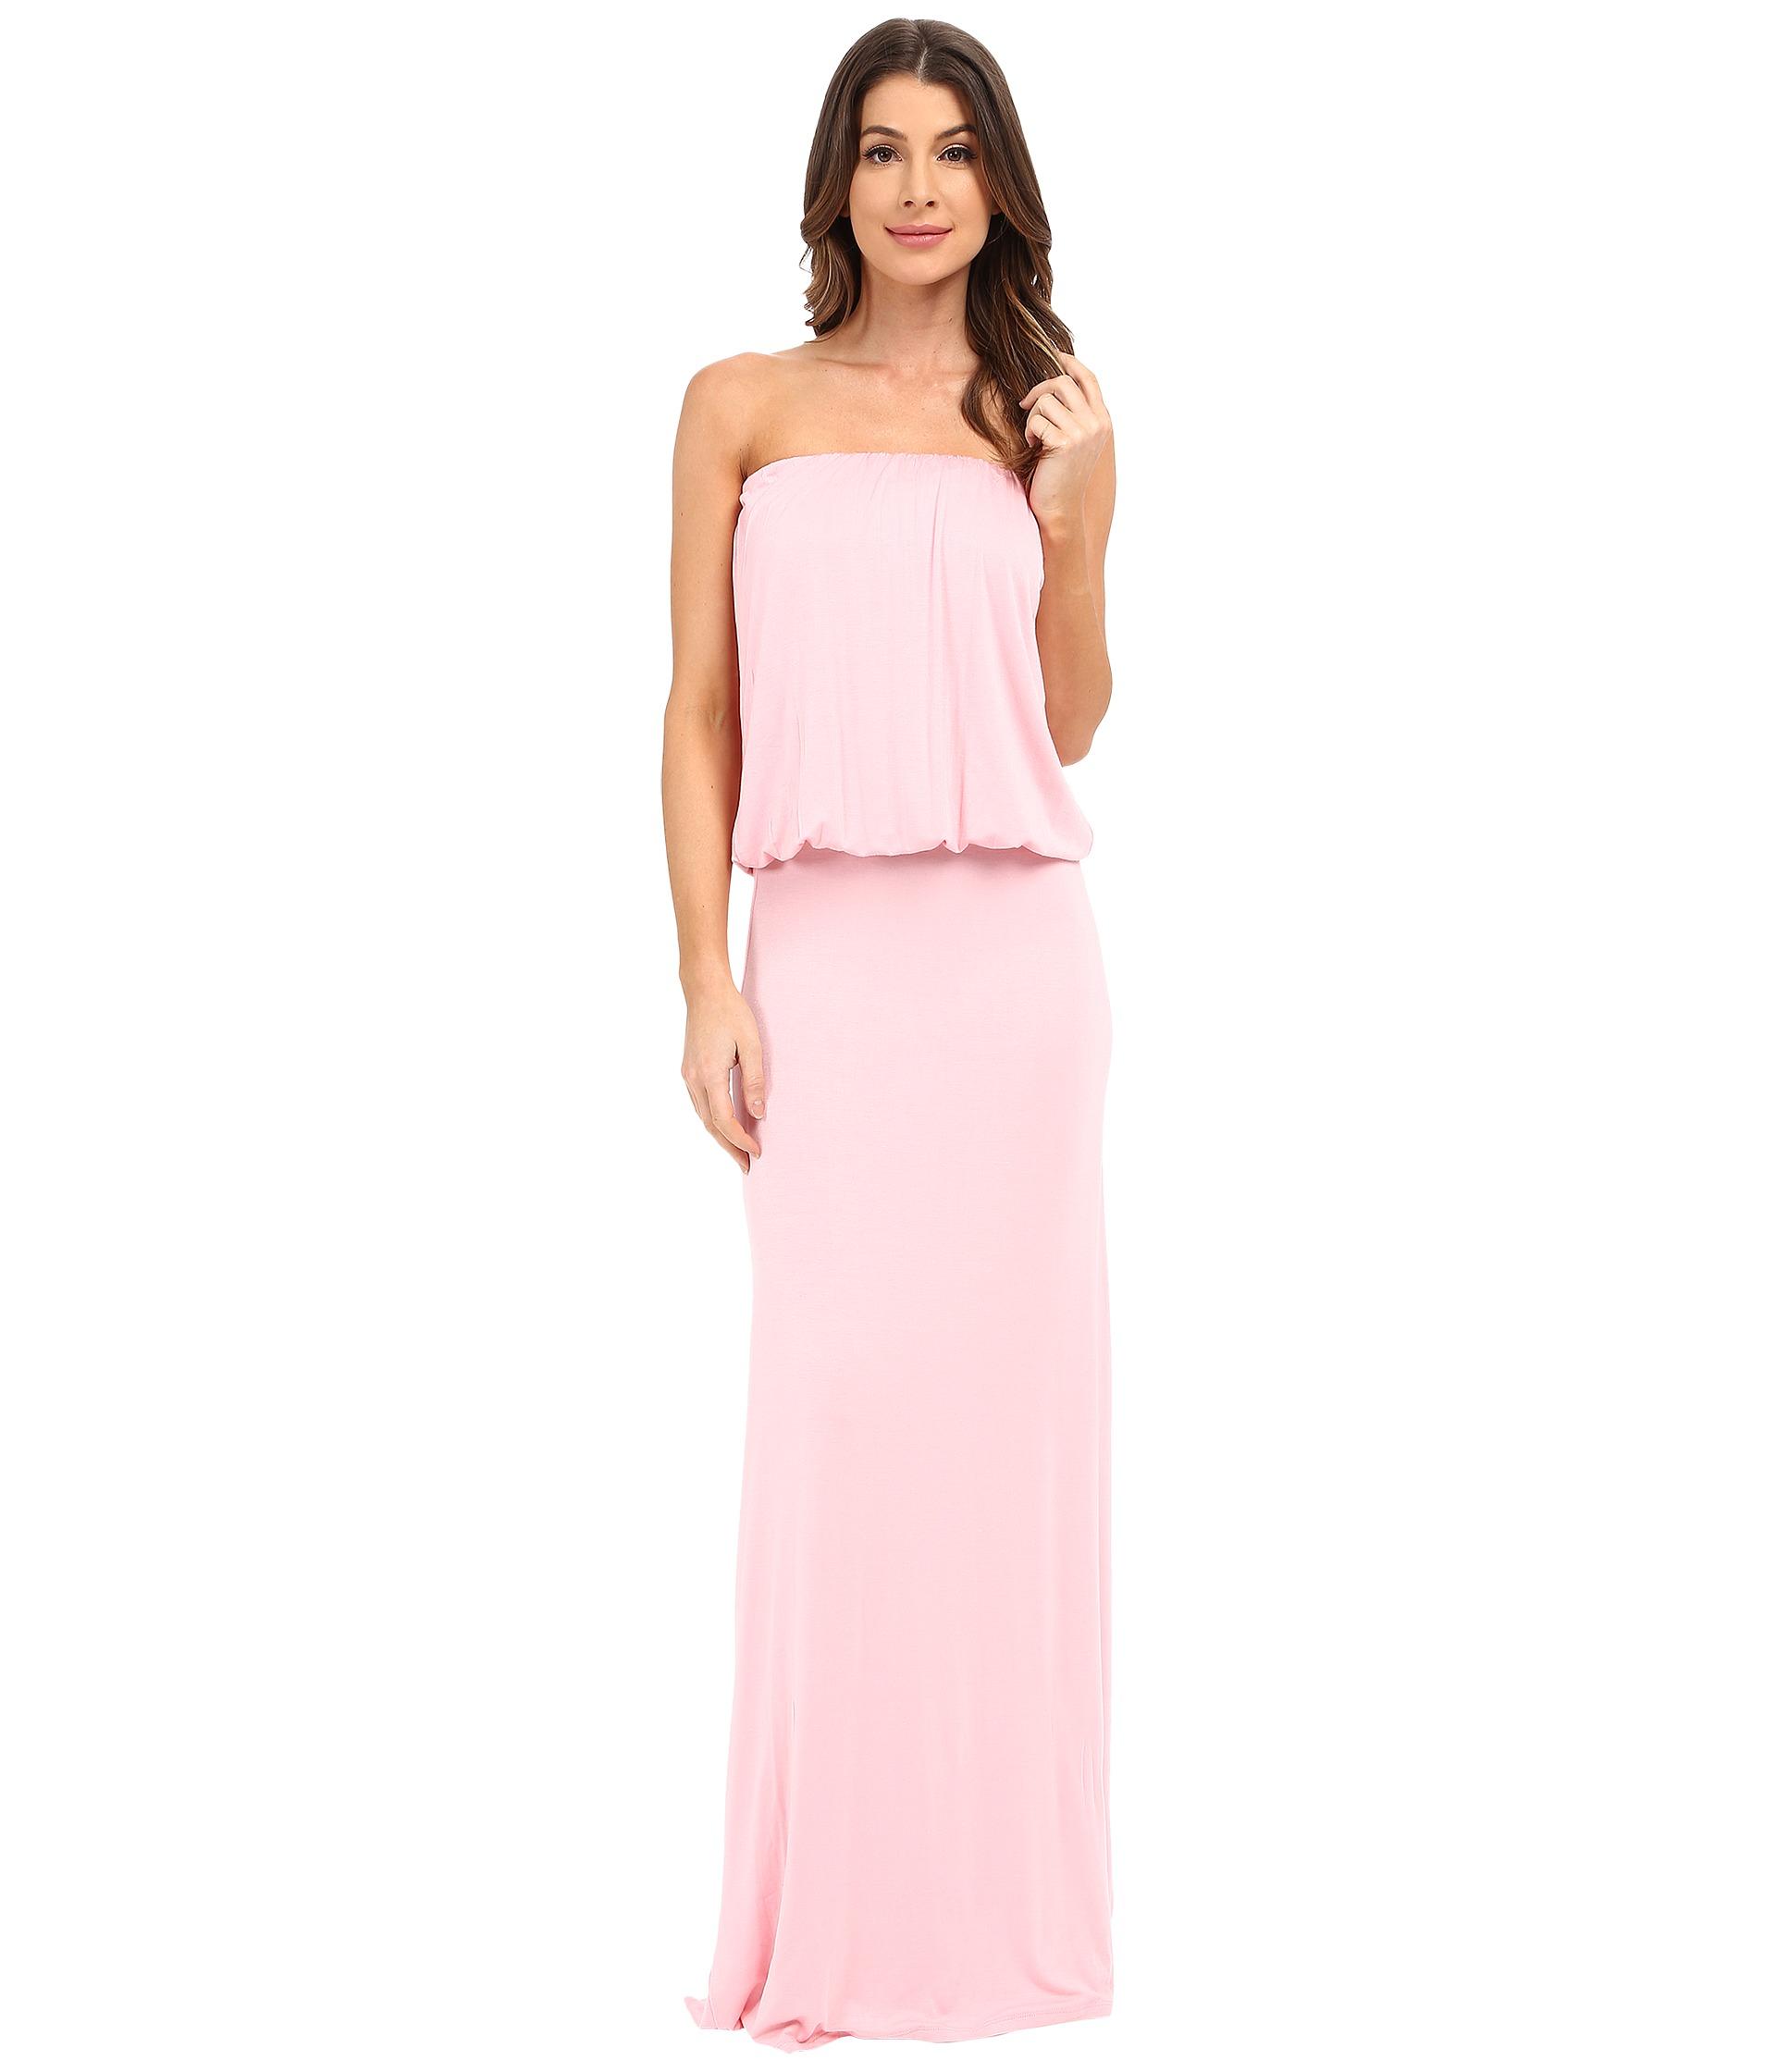 b9bb5edbd Culture Phit Riena Maxi Dress on PopScreen